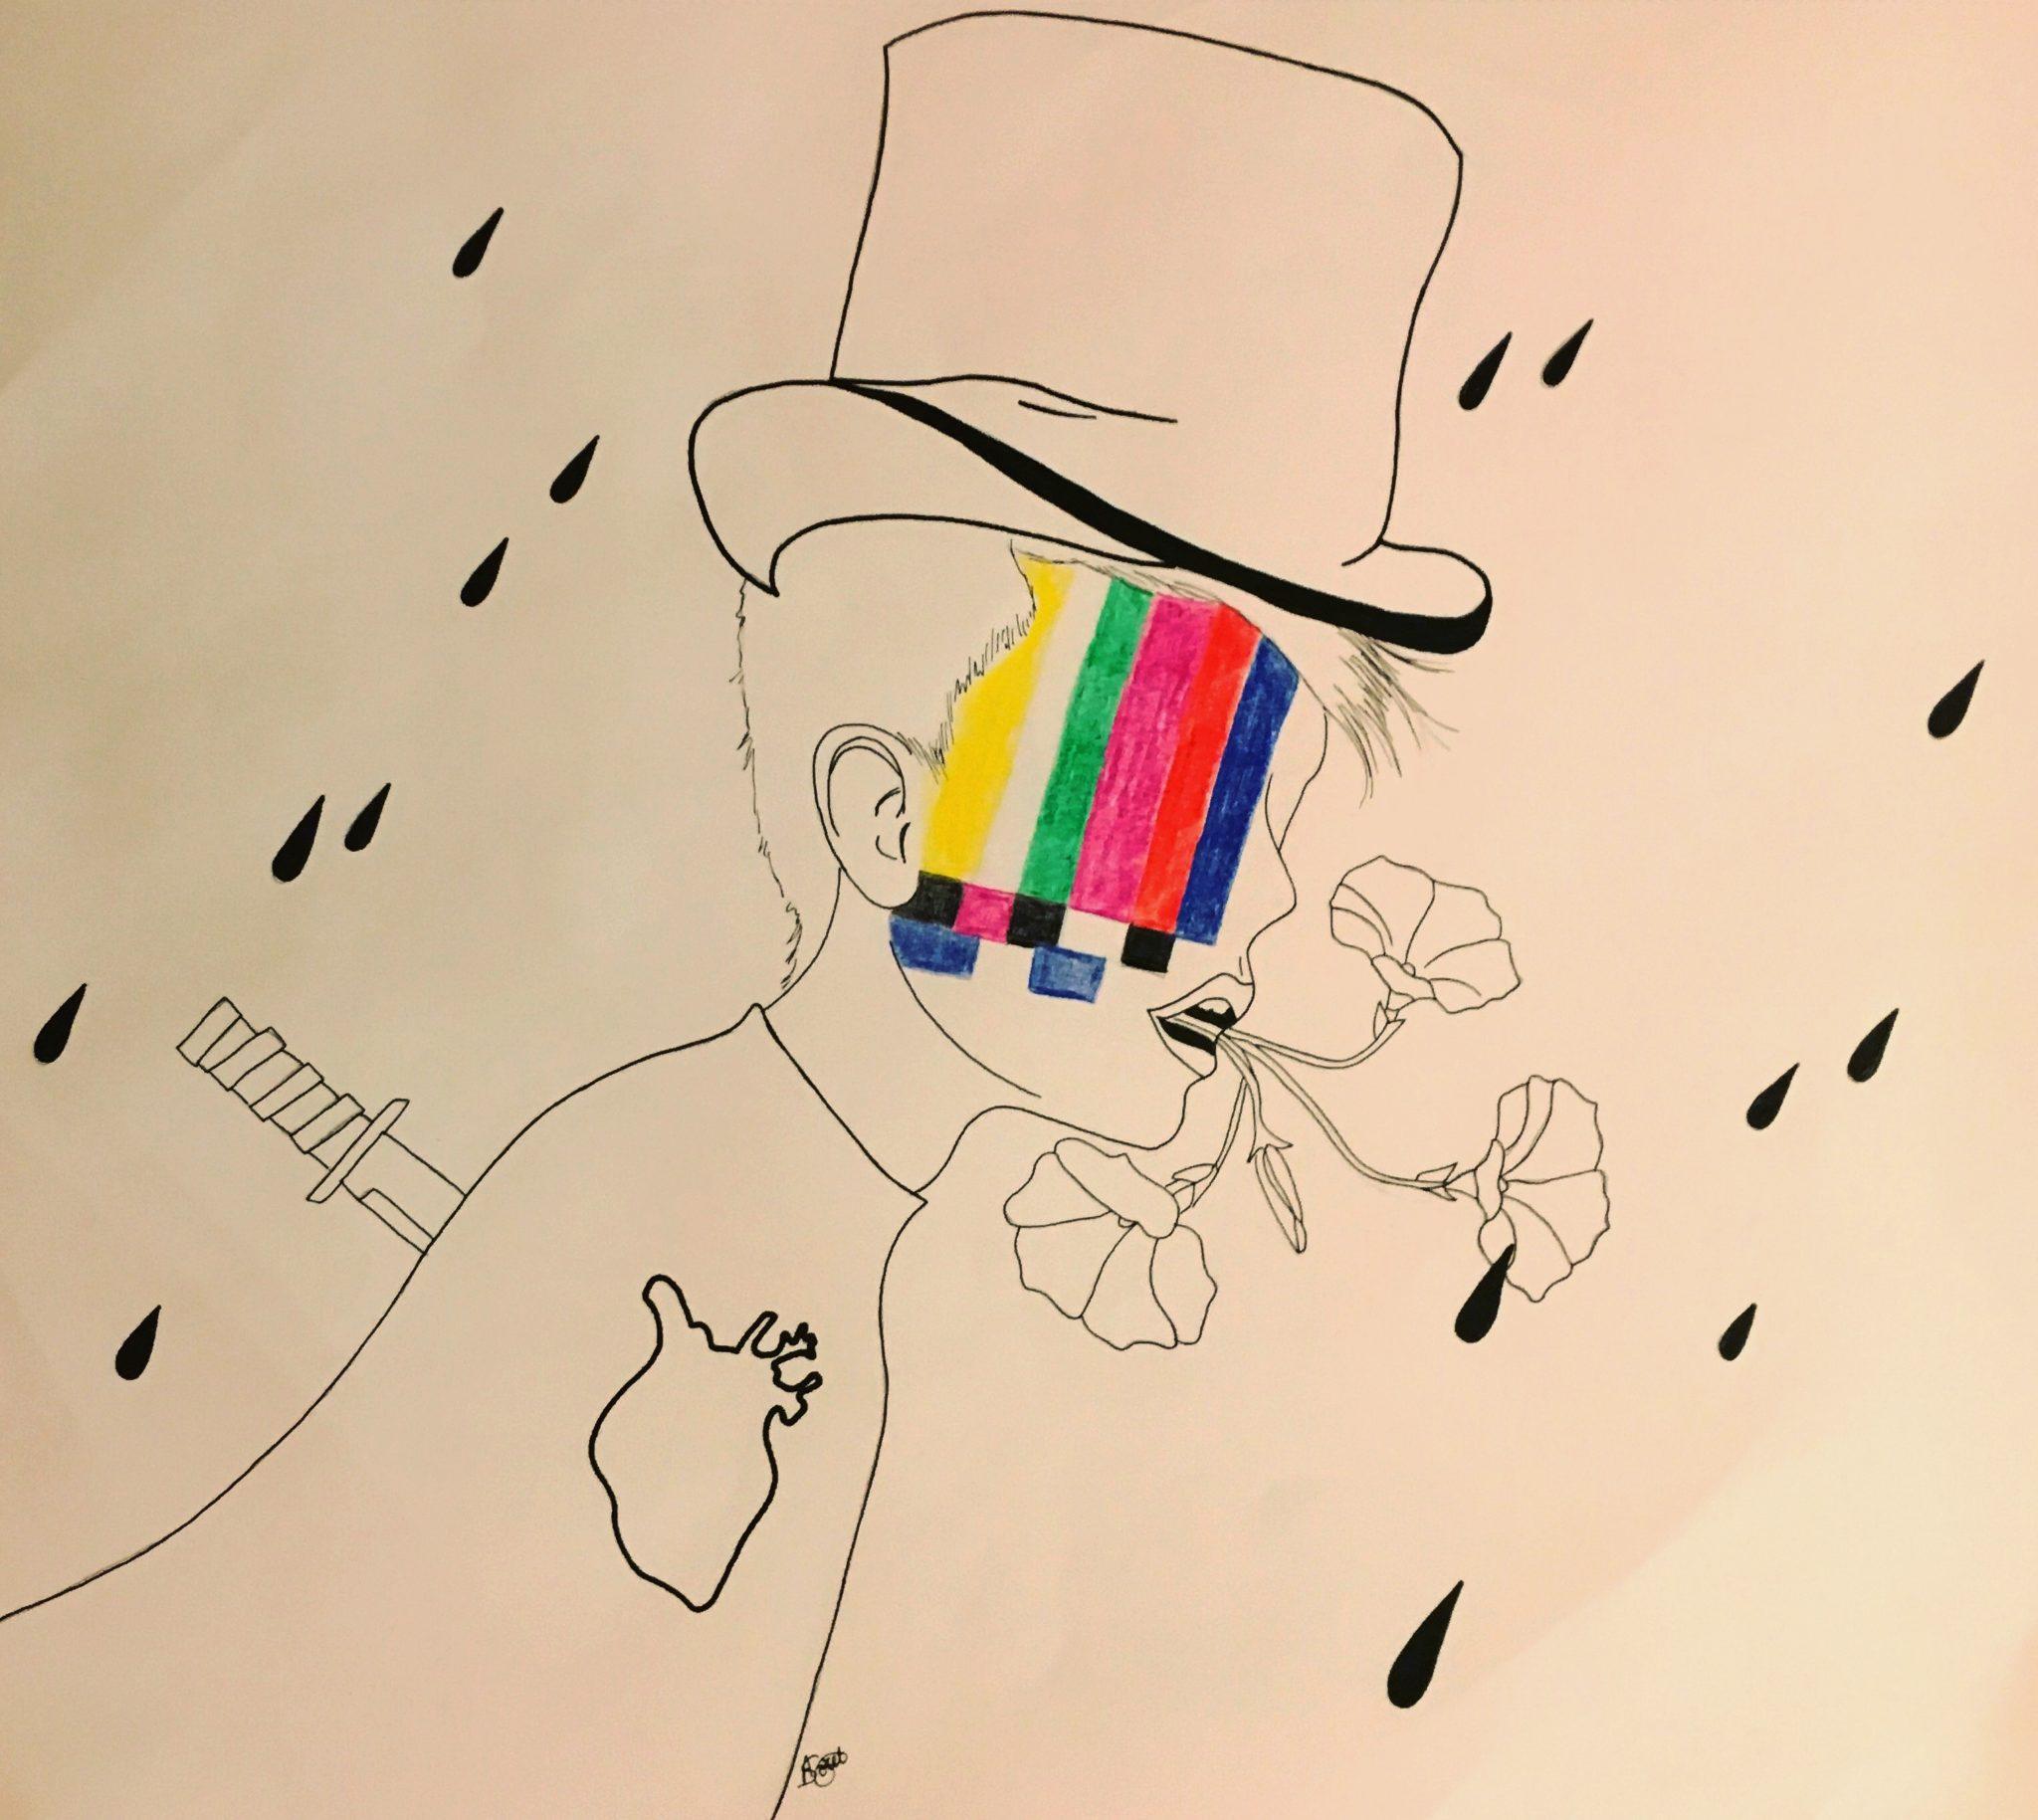 Dessin en noir et blanc et feutres de couleurs : le buste d'un personnage masculin de profil, portant un chapeau haut-de-forme, sous la pluie. Un couteau est enfoncé dans son dos, on voit le dessin de son coeur dans sa poitrine, des fleurs sortent de sa bouche ouverte. L'intérieur de son visage est remplacé par une mire colorée.